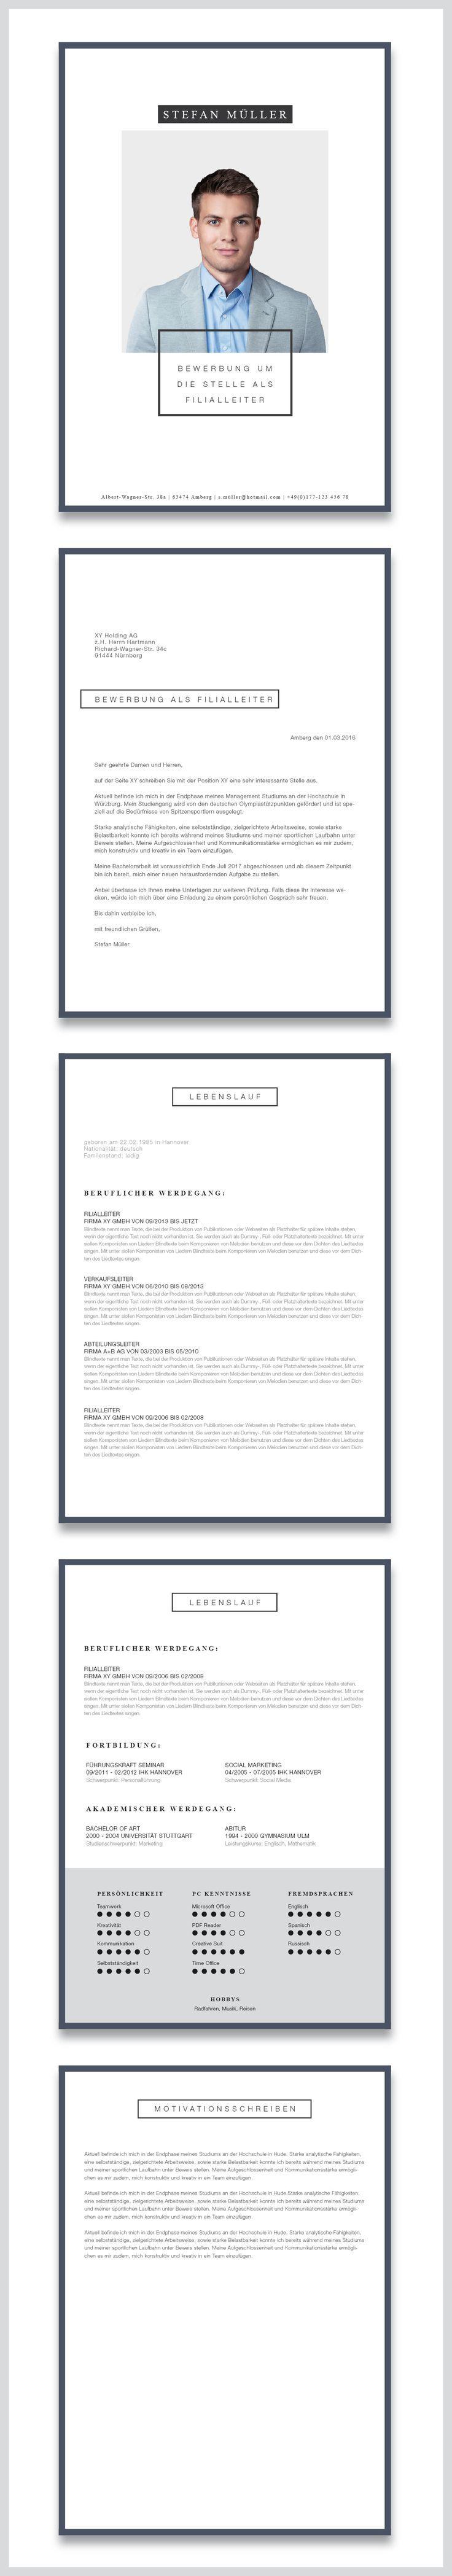 Design Portfolio Unsere Bewerbungsvorlage Cv Template Minimal Art In Der Farbe Deep Blue Zei Visitenkarten Kostenlos Vorlagen Visitenkarten Muster